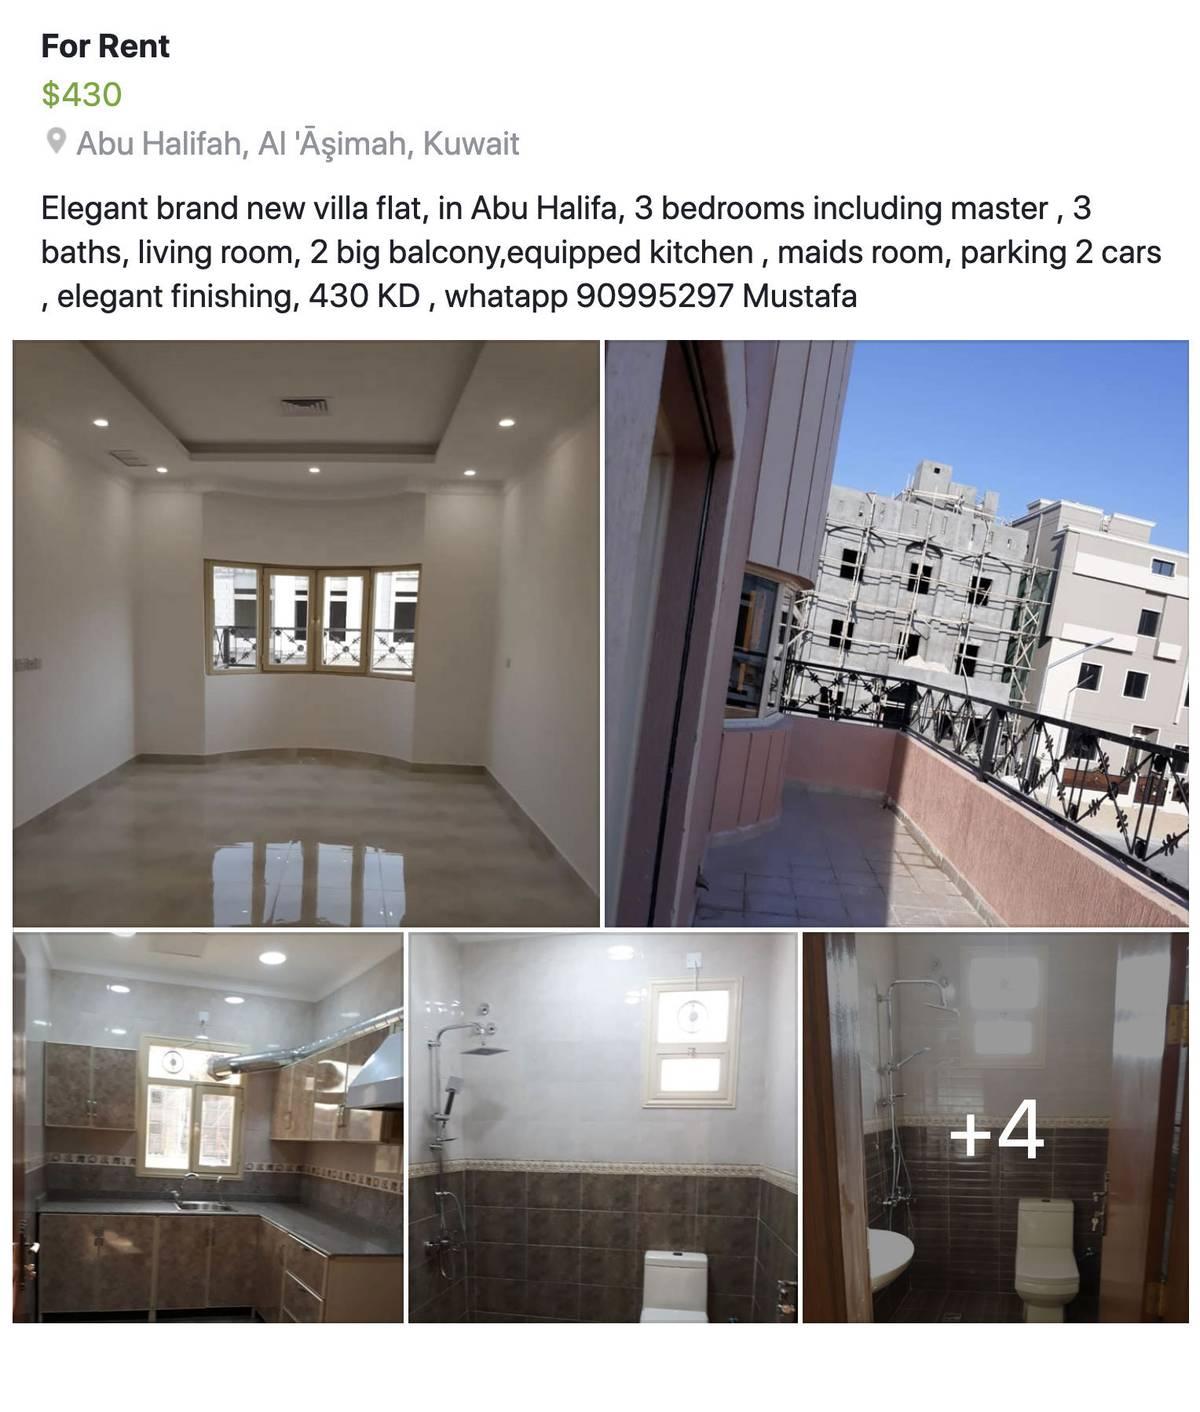 Вот такую квартиру с тремя спальнями сдают через Фейсбук за 430$ в месяц